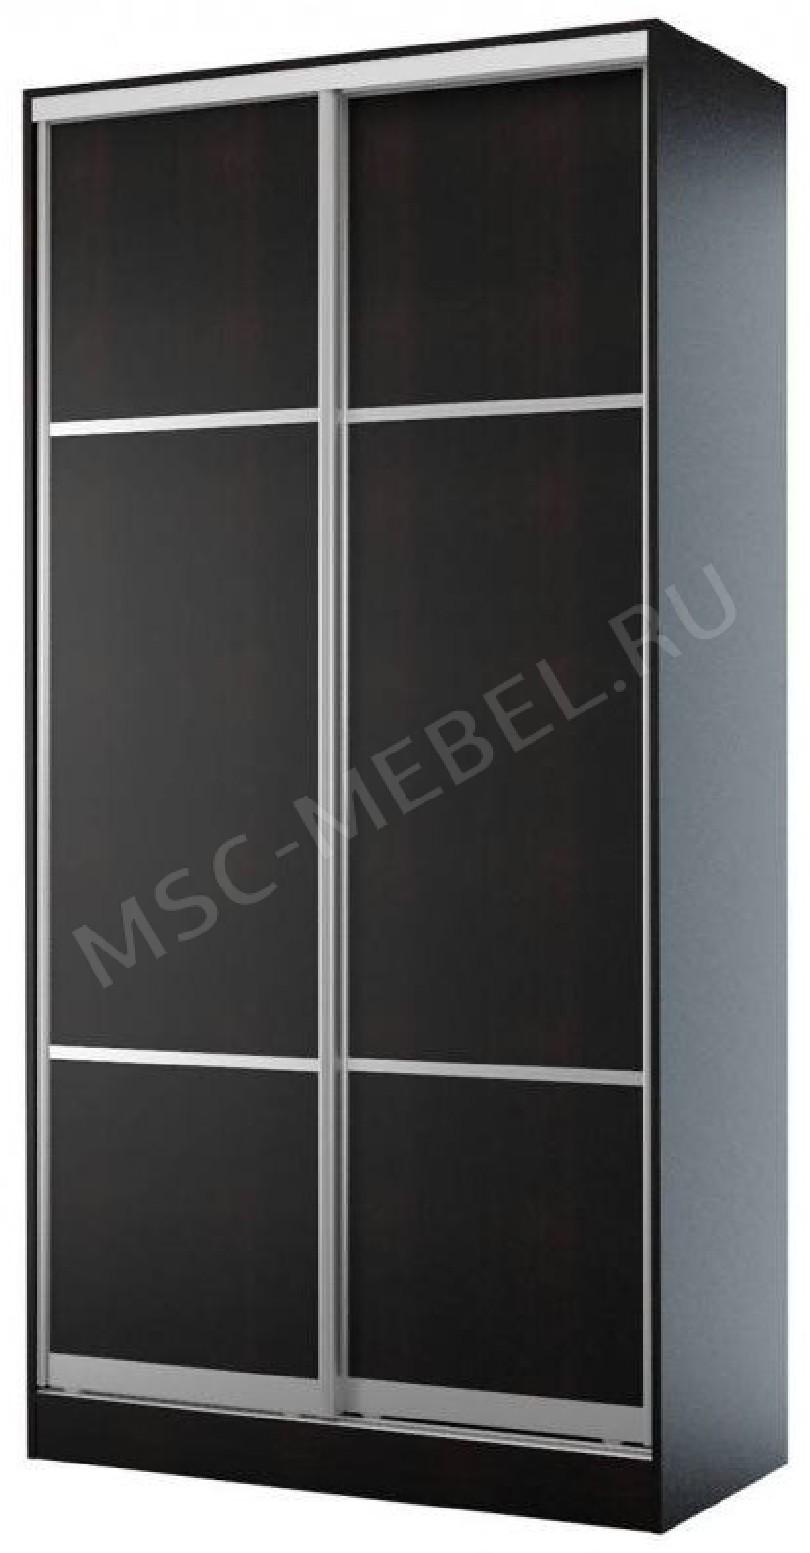 Байкал-2 (Столлайн) СТЛ.268.04 Дизайн 2 арт63